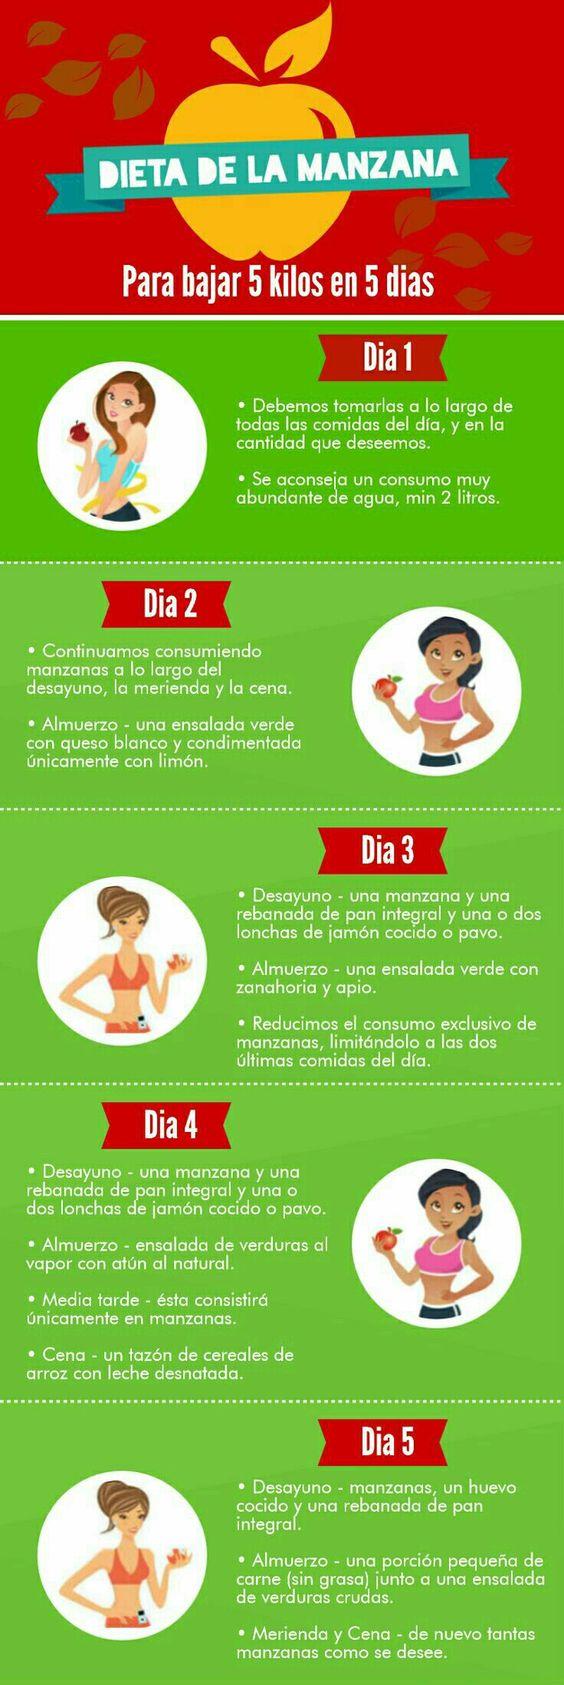 acido urico sangre exceso de ejercicio cura casera para acido urico pescado de rio y acido urico